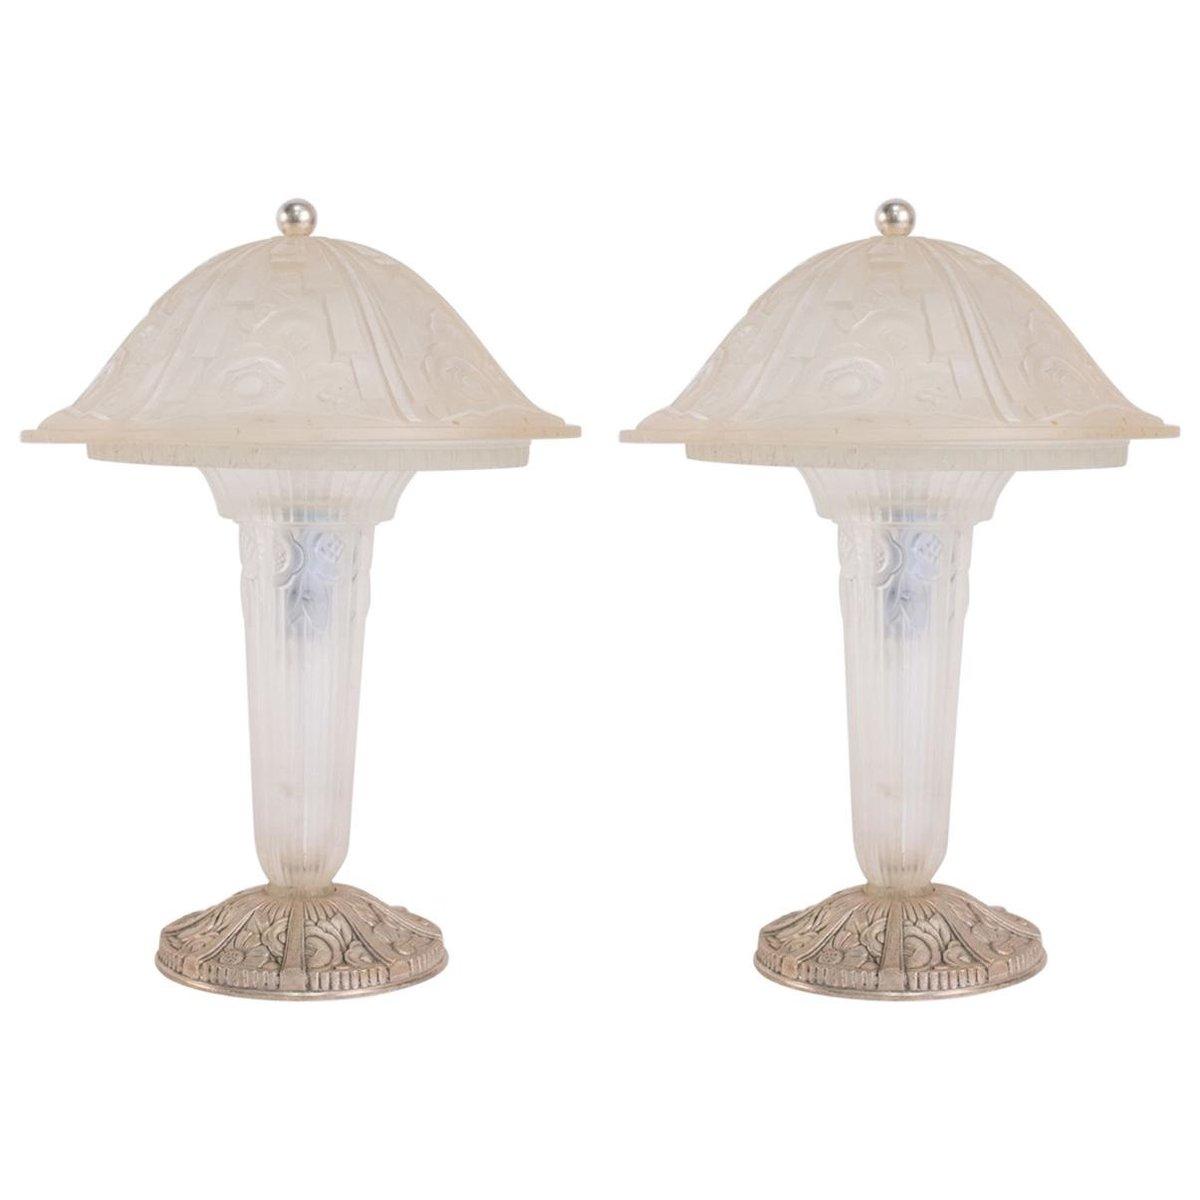 Tischlampen aus Glas von Hettier & Vincent, 1930er, 2er Set